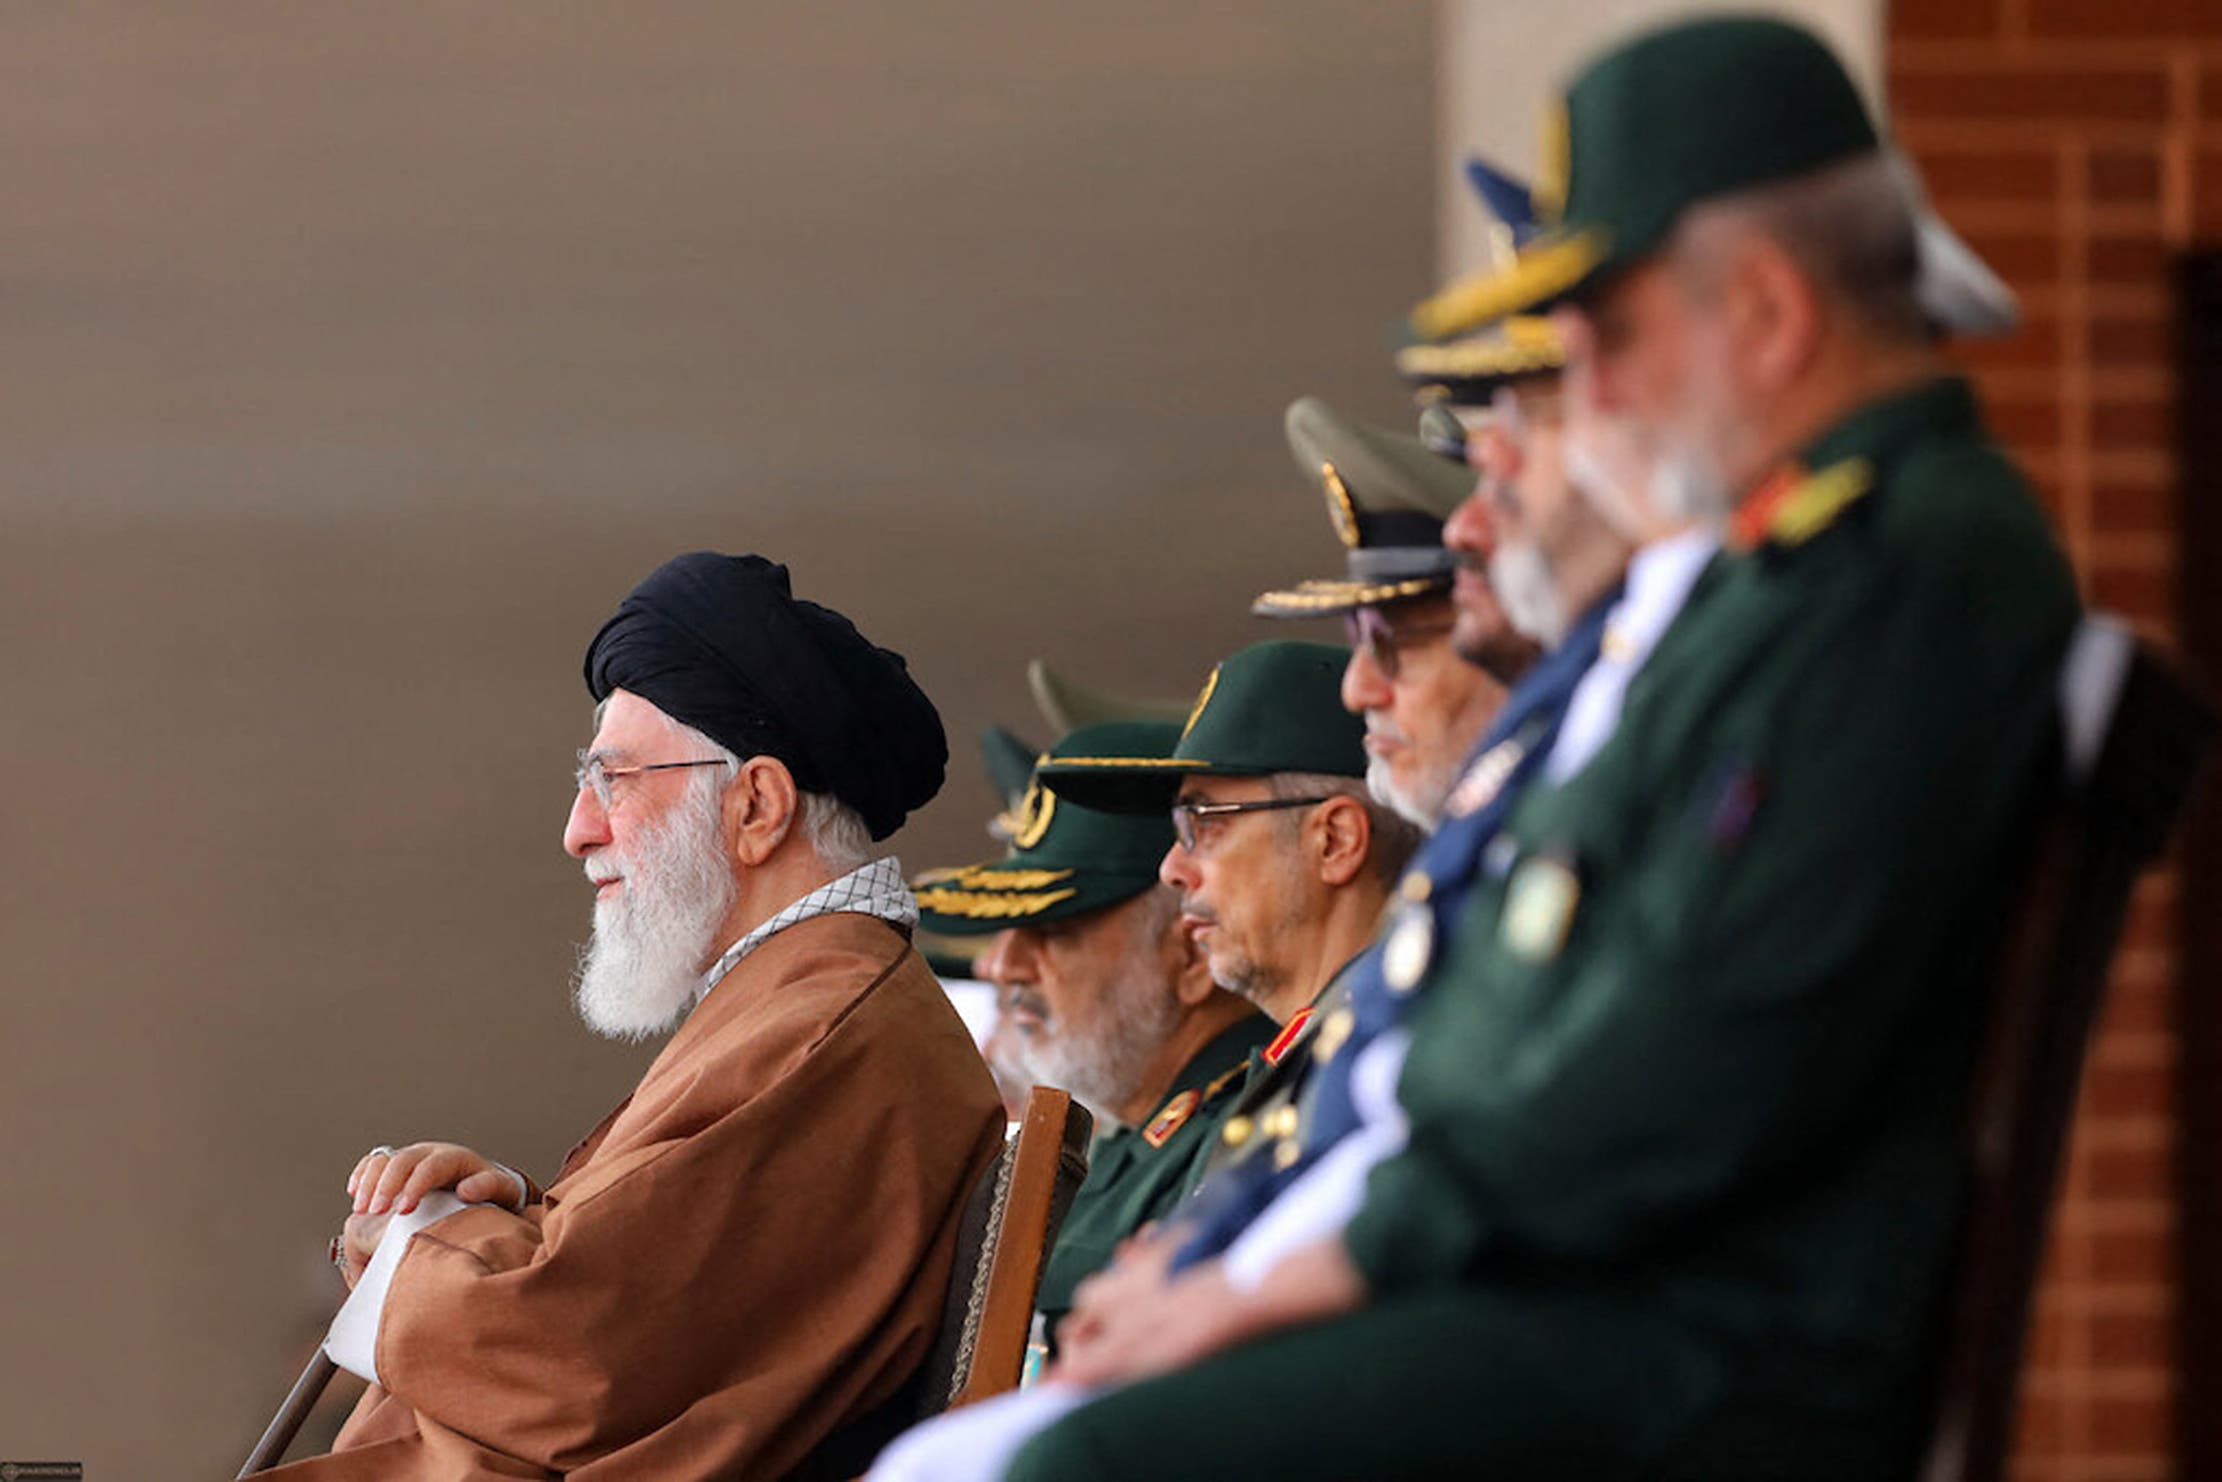 المرشد خامنئي وخلفة قادة من الحرس الثوري الإيراني